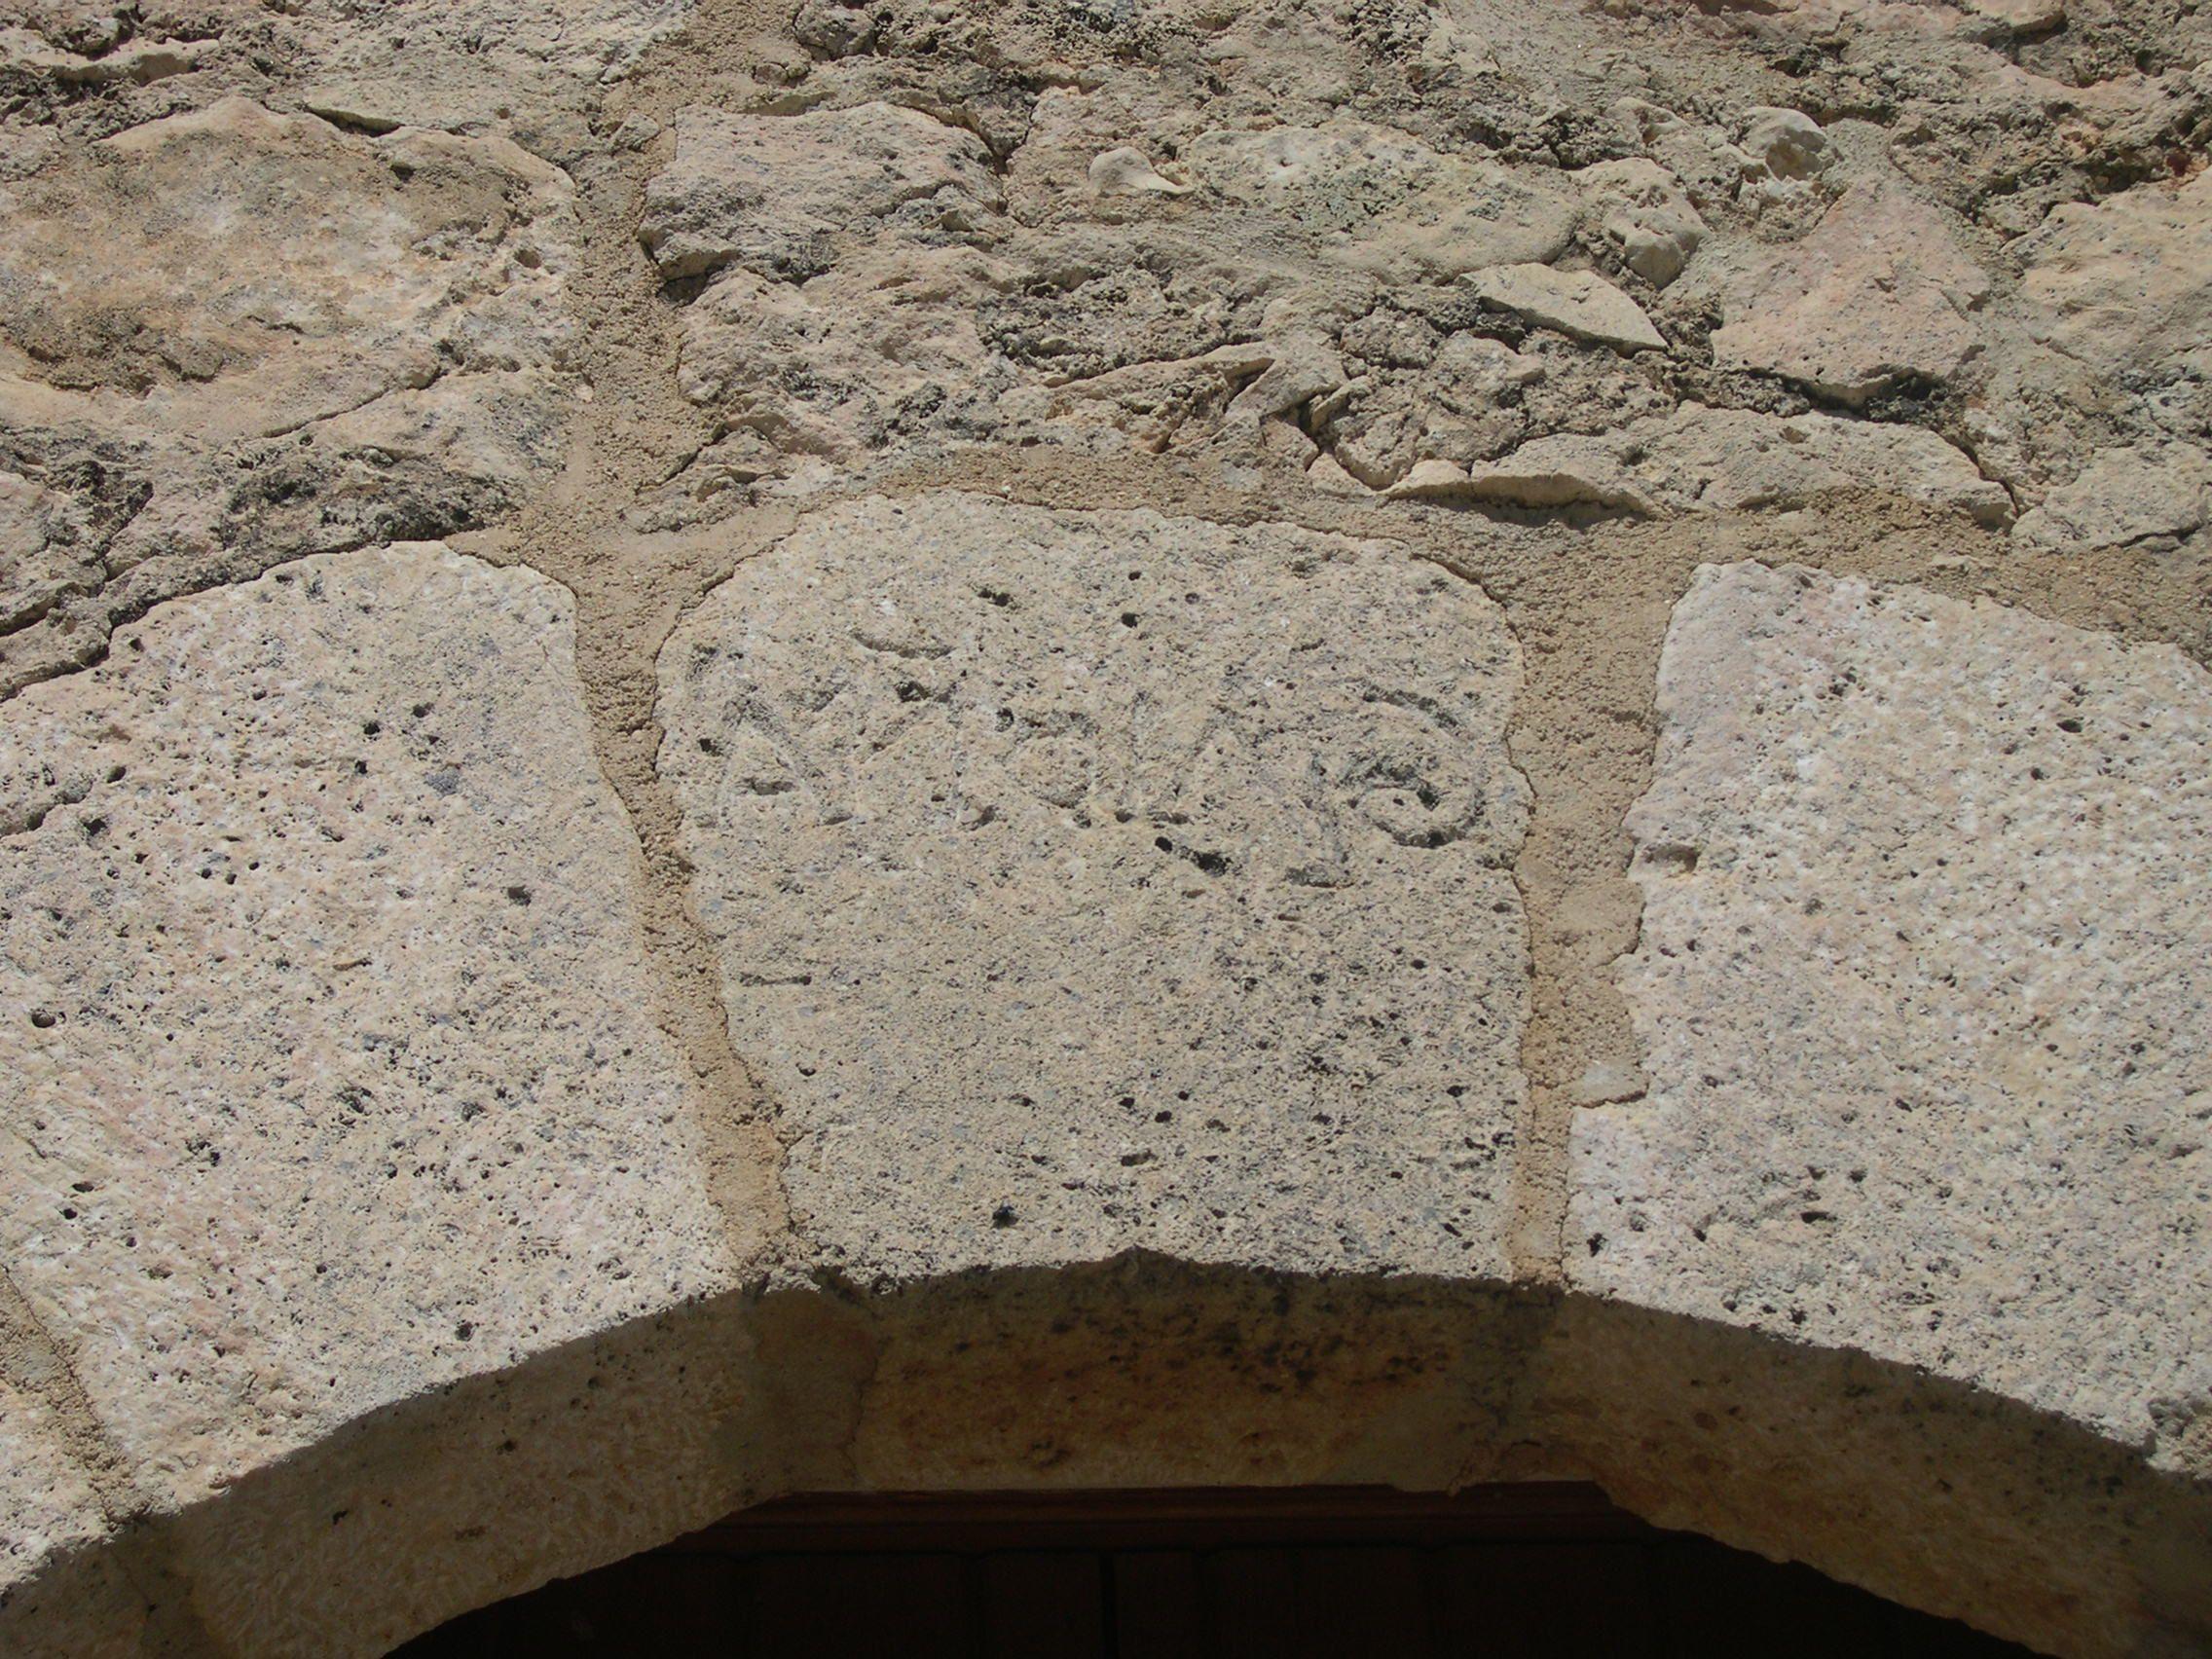 Para este jueves os dejo esta fotografía del arco de la ermita de Santa Bárbara de nuestro pueblo donde se puede ver una inscripción